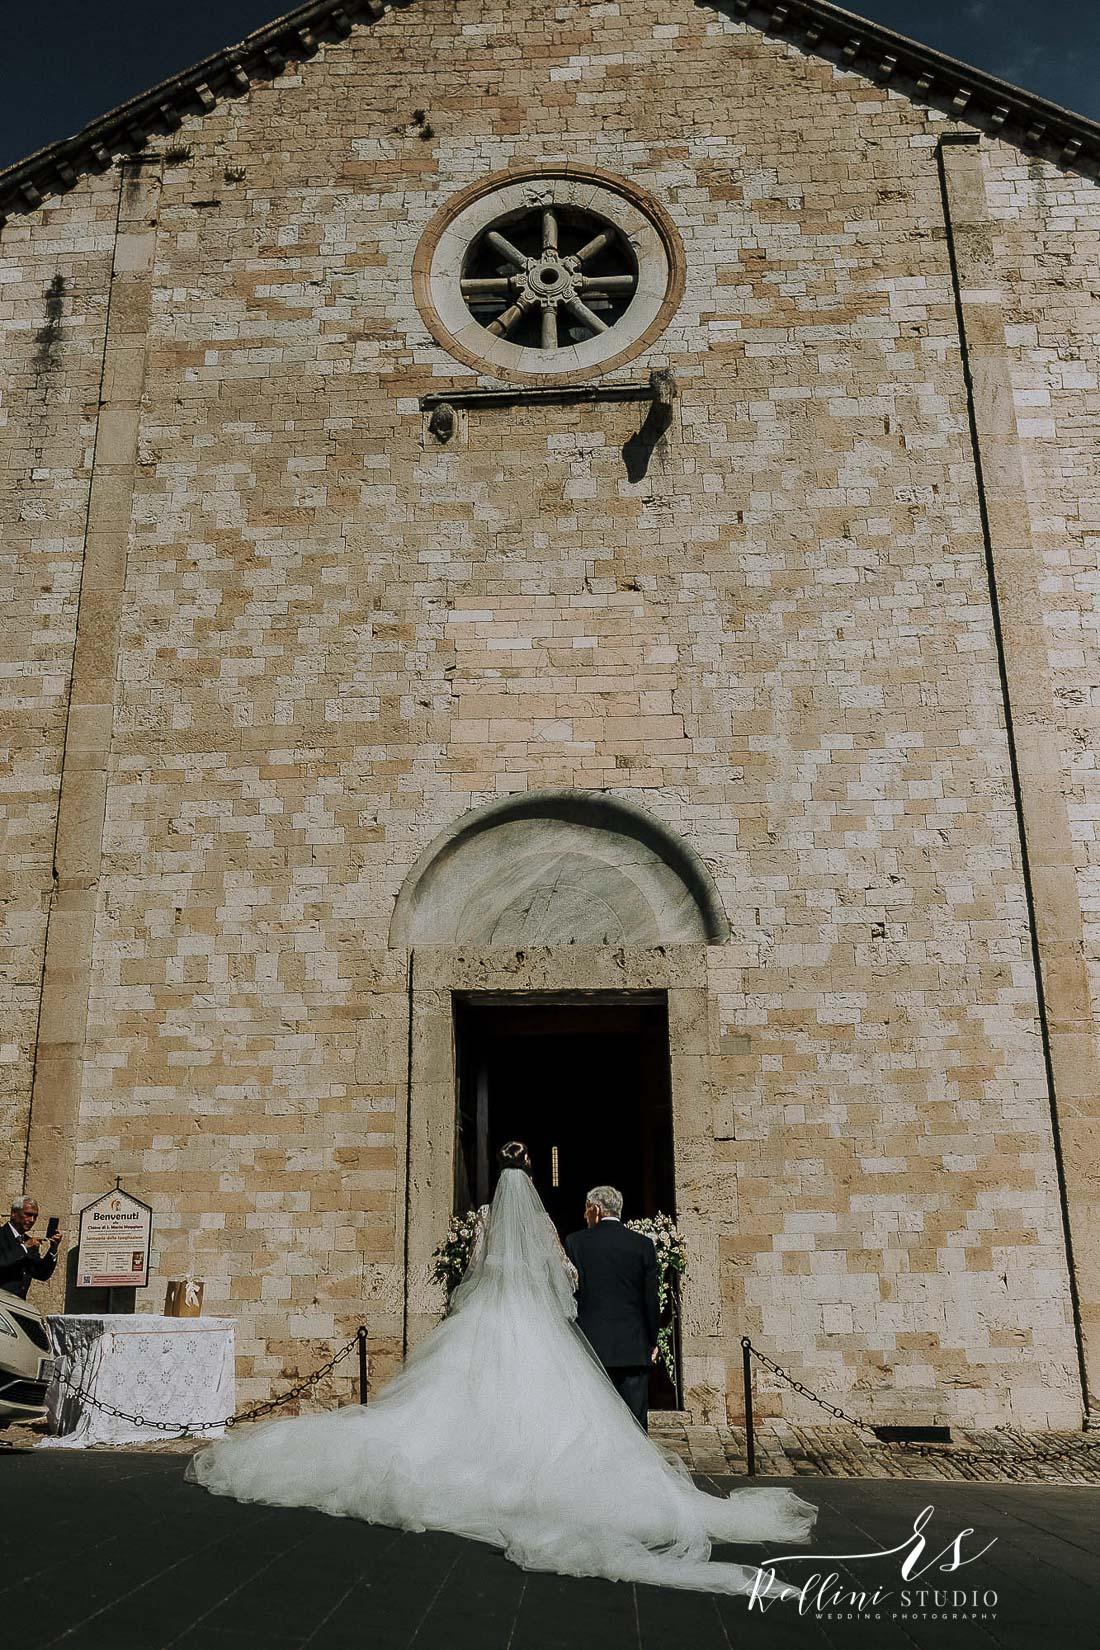 matrimonio Castello Rosciano 059.jpg